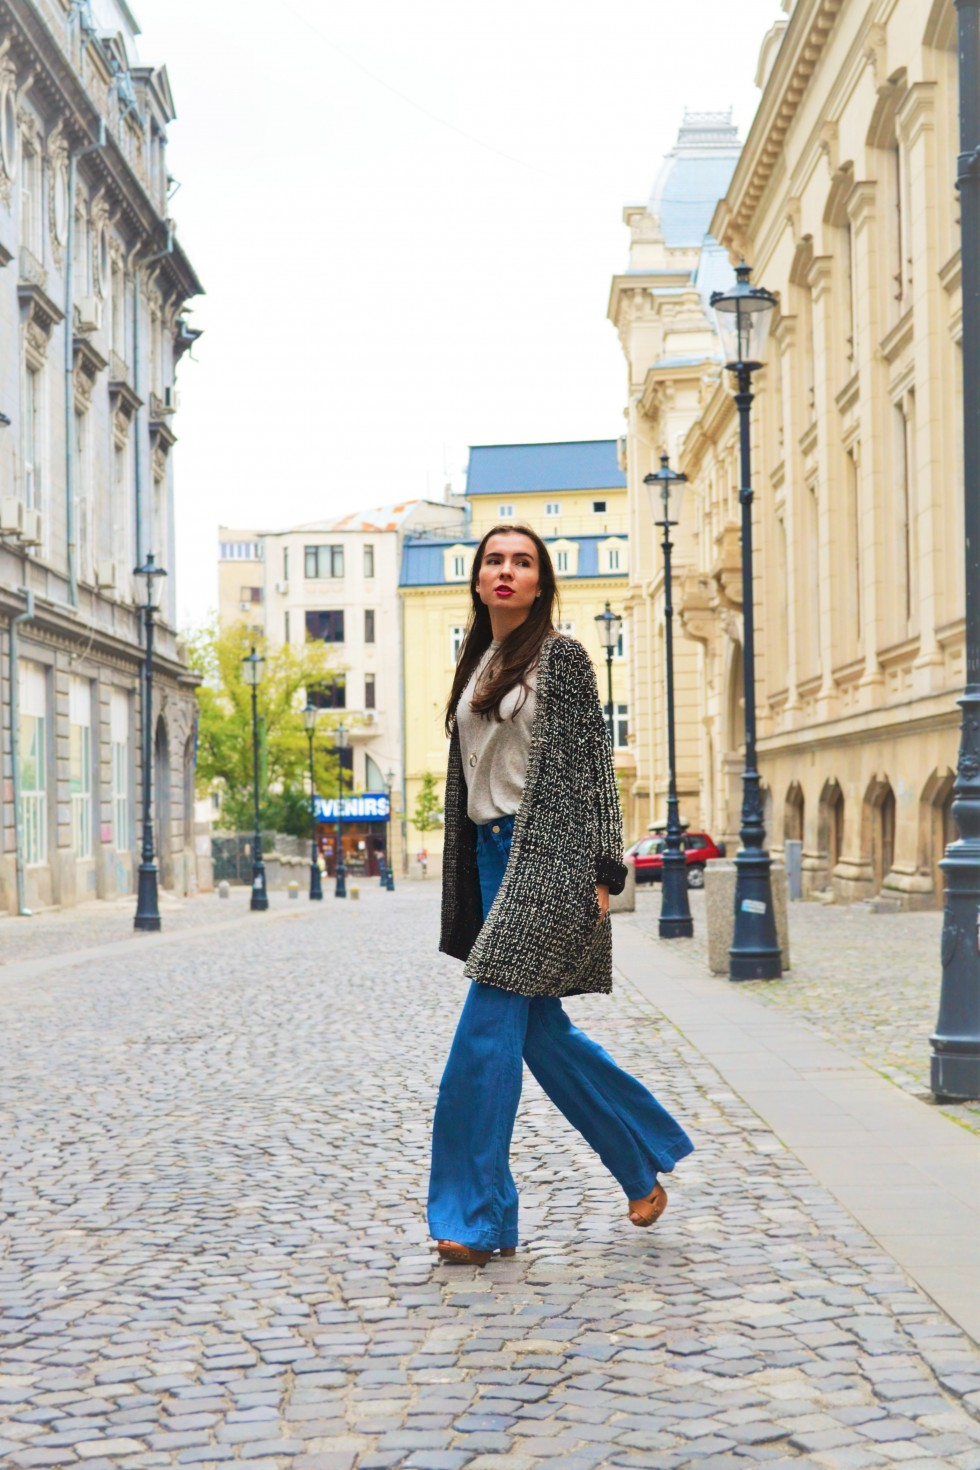 qonique-street-fashion-2